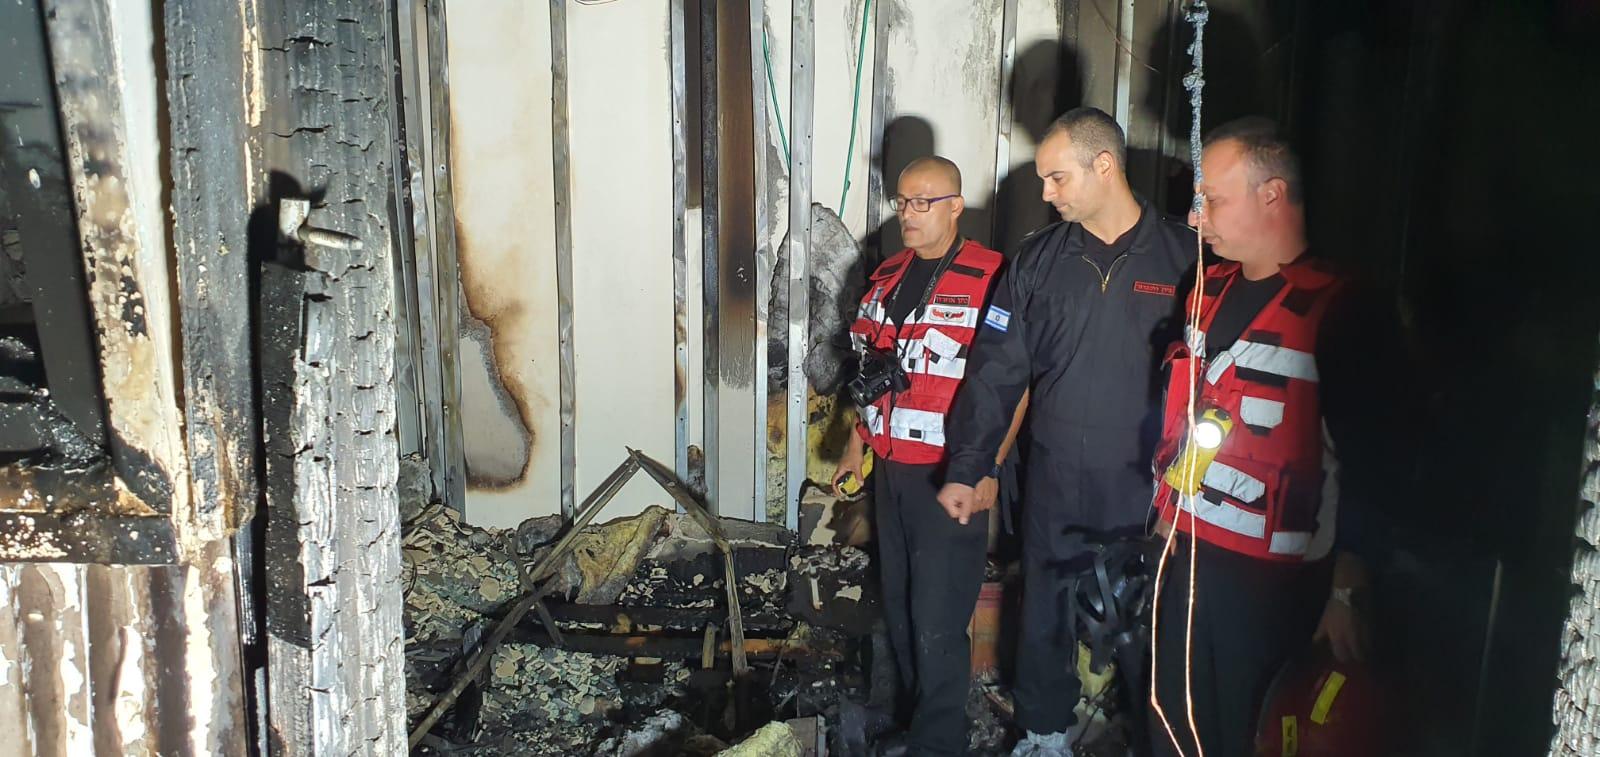 שריפה בדירה בנתניה. צילום: כבאות והצלה לישראל